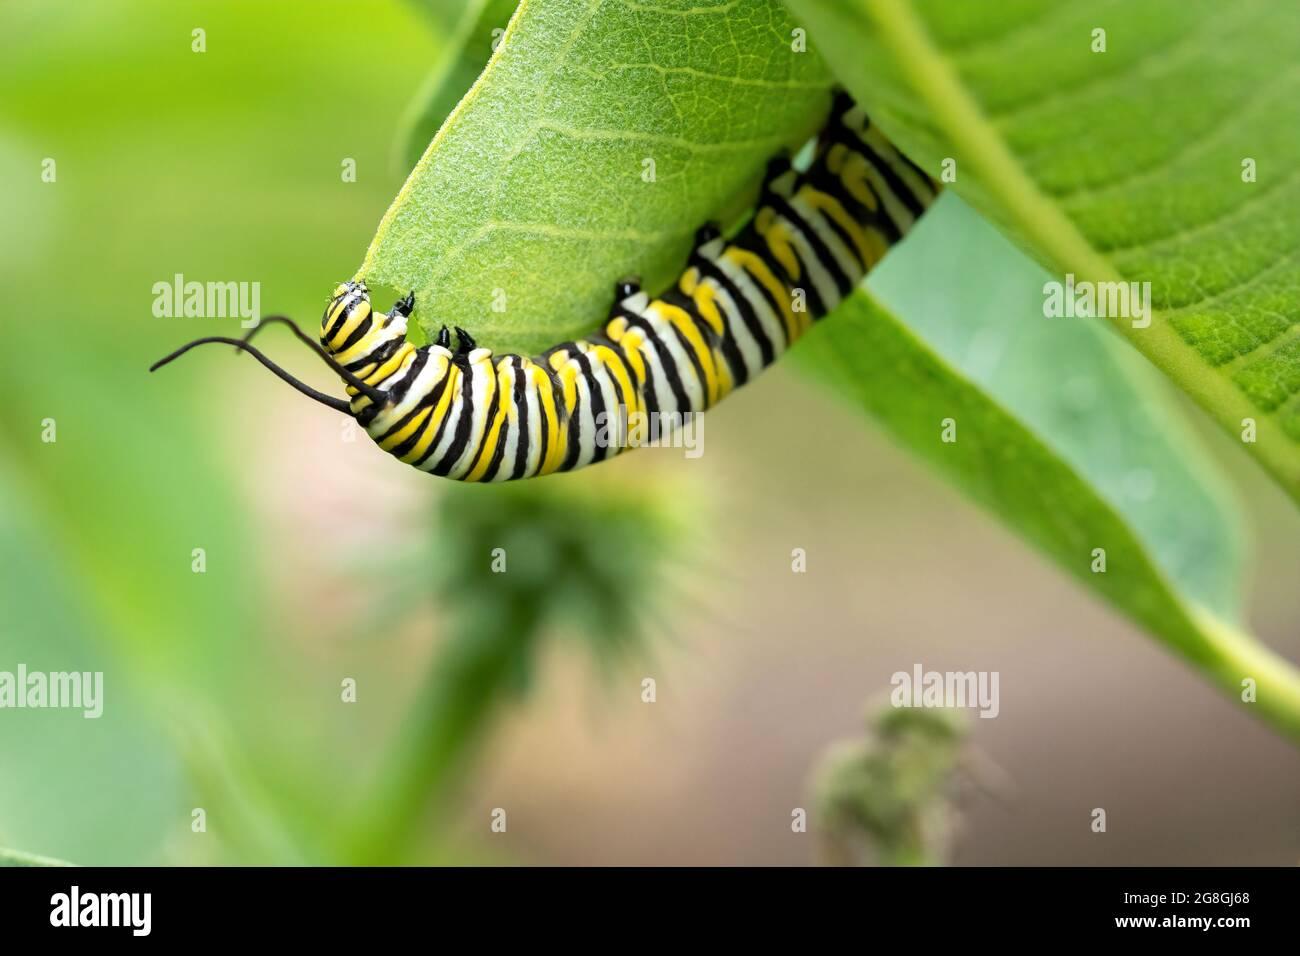 Monarch butterfly caterpillar on common milkweed Stock Photo